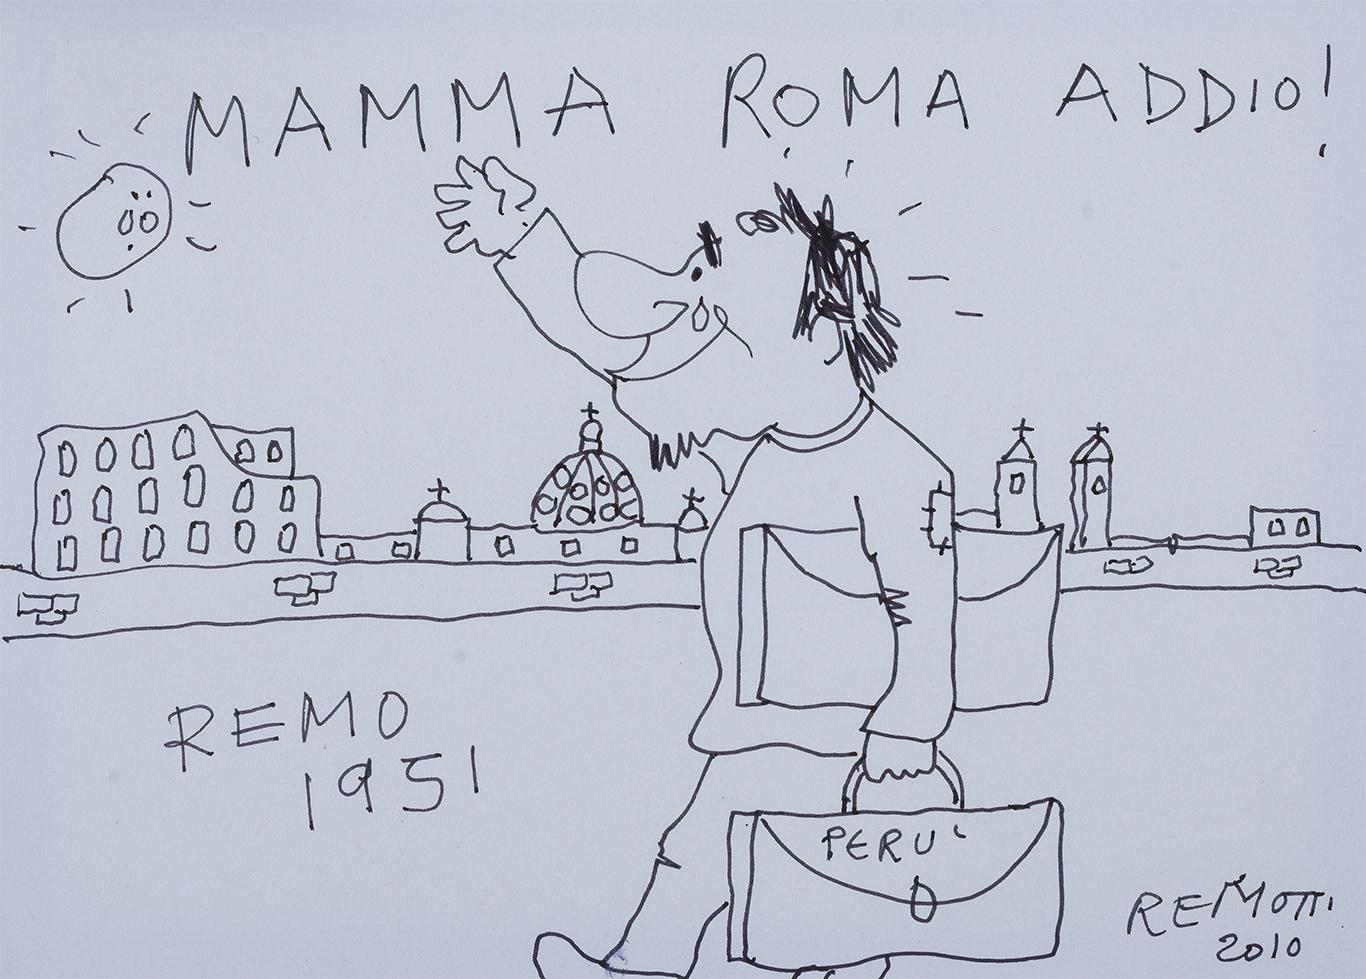 remotti di carta mamma roma